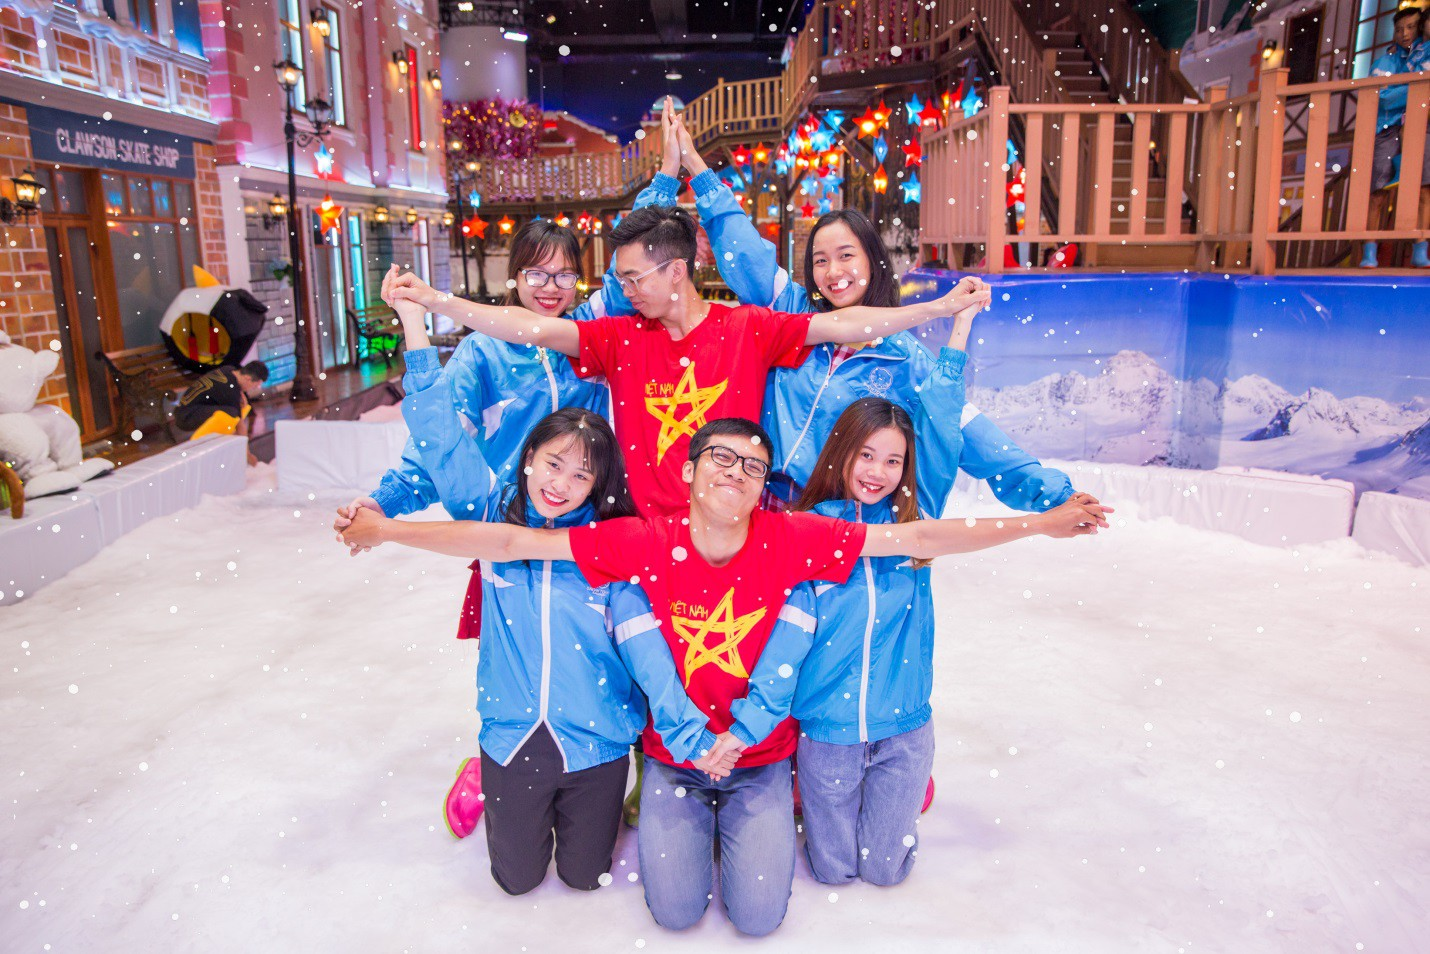 Cơ hội đi Đà Lạt miễn phí khi chụp ảnh tại Snow Town - Ảnh 7.